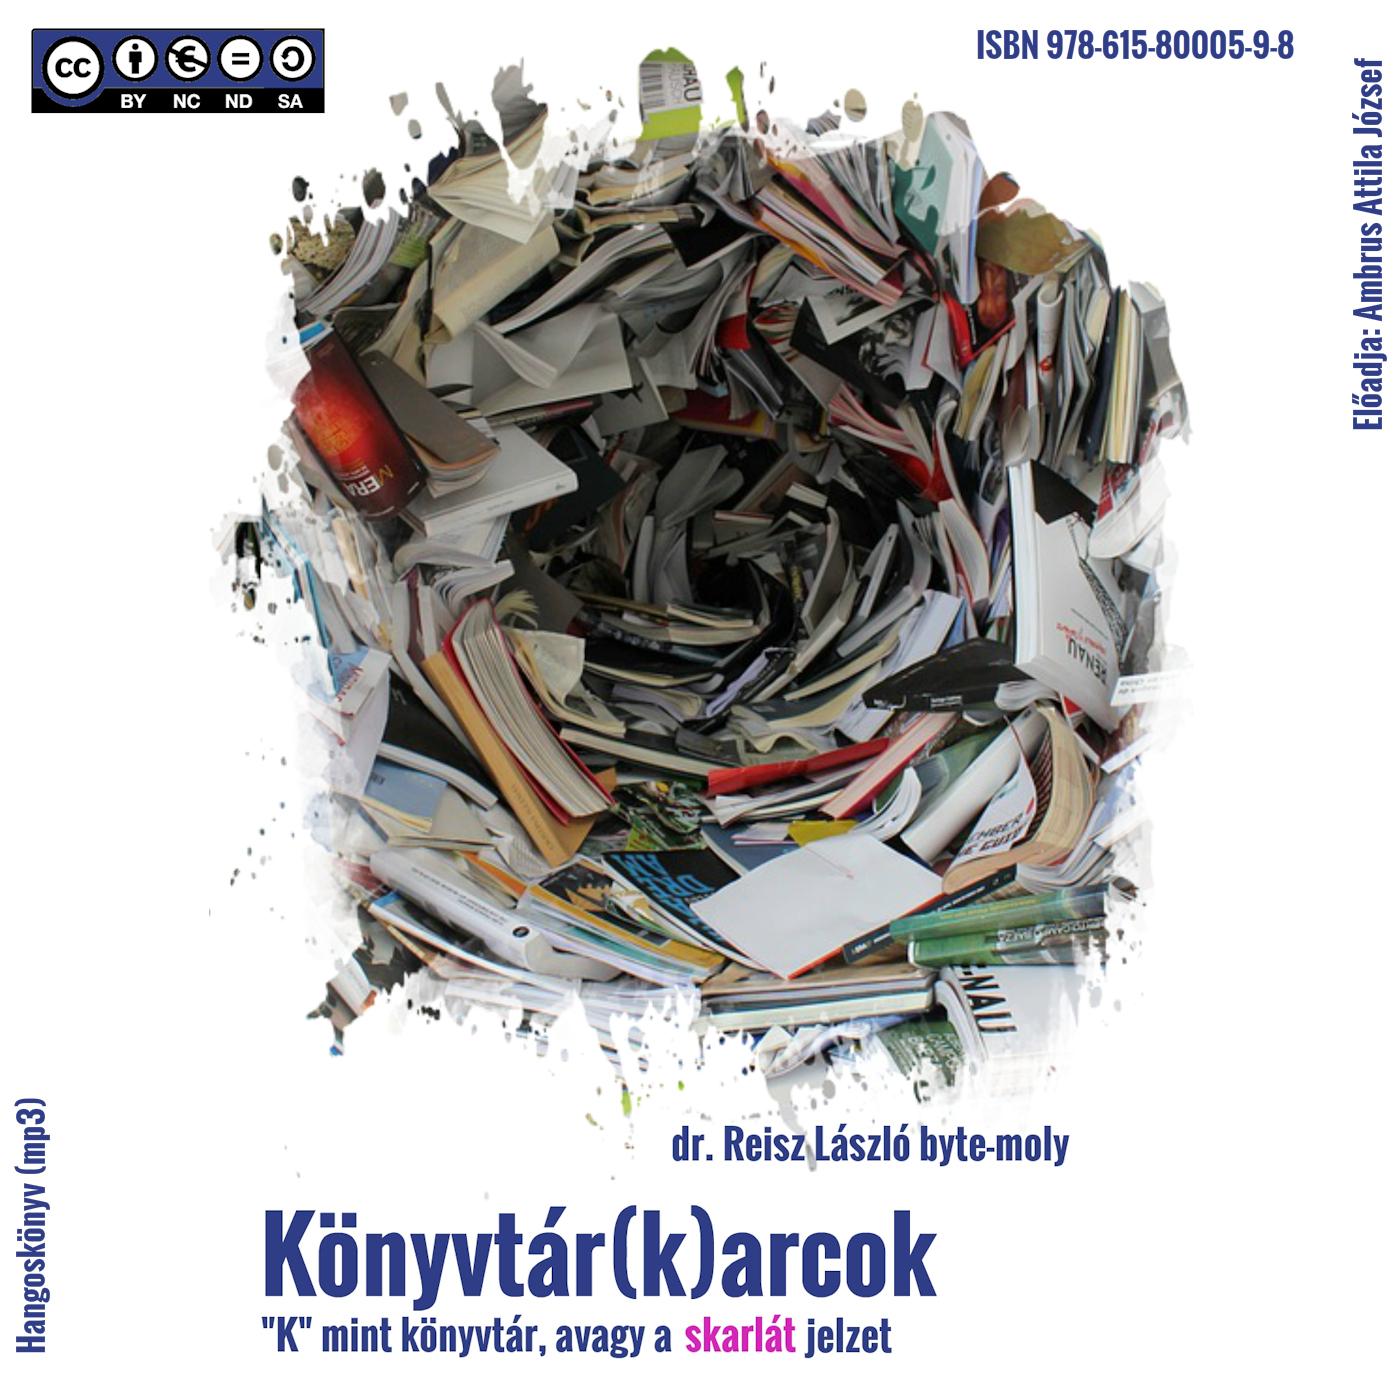 """Reisz László: Könyvtár(k)arcok. """"K"""" mint könyvtár, avagy a skarlát jelzet. - Hangoskönyv (mp3)"""